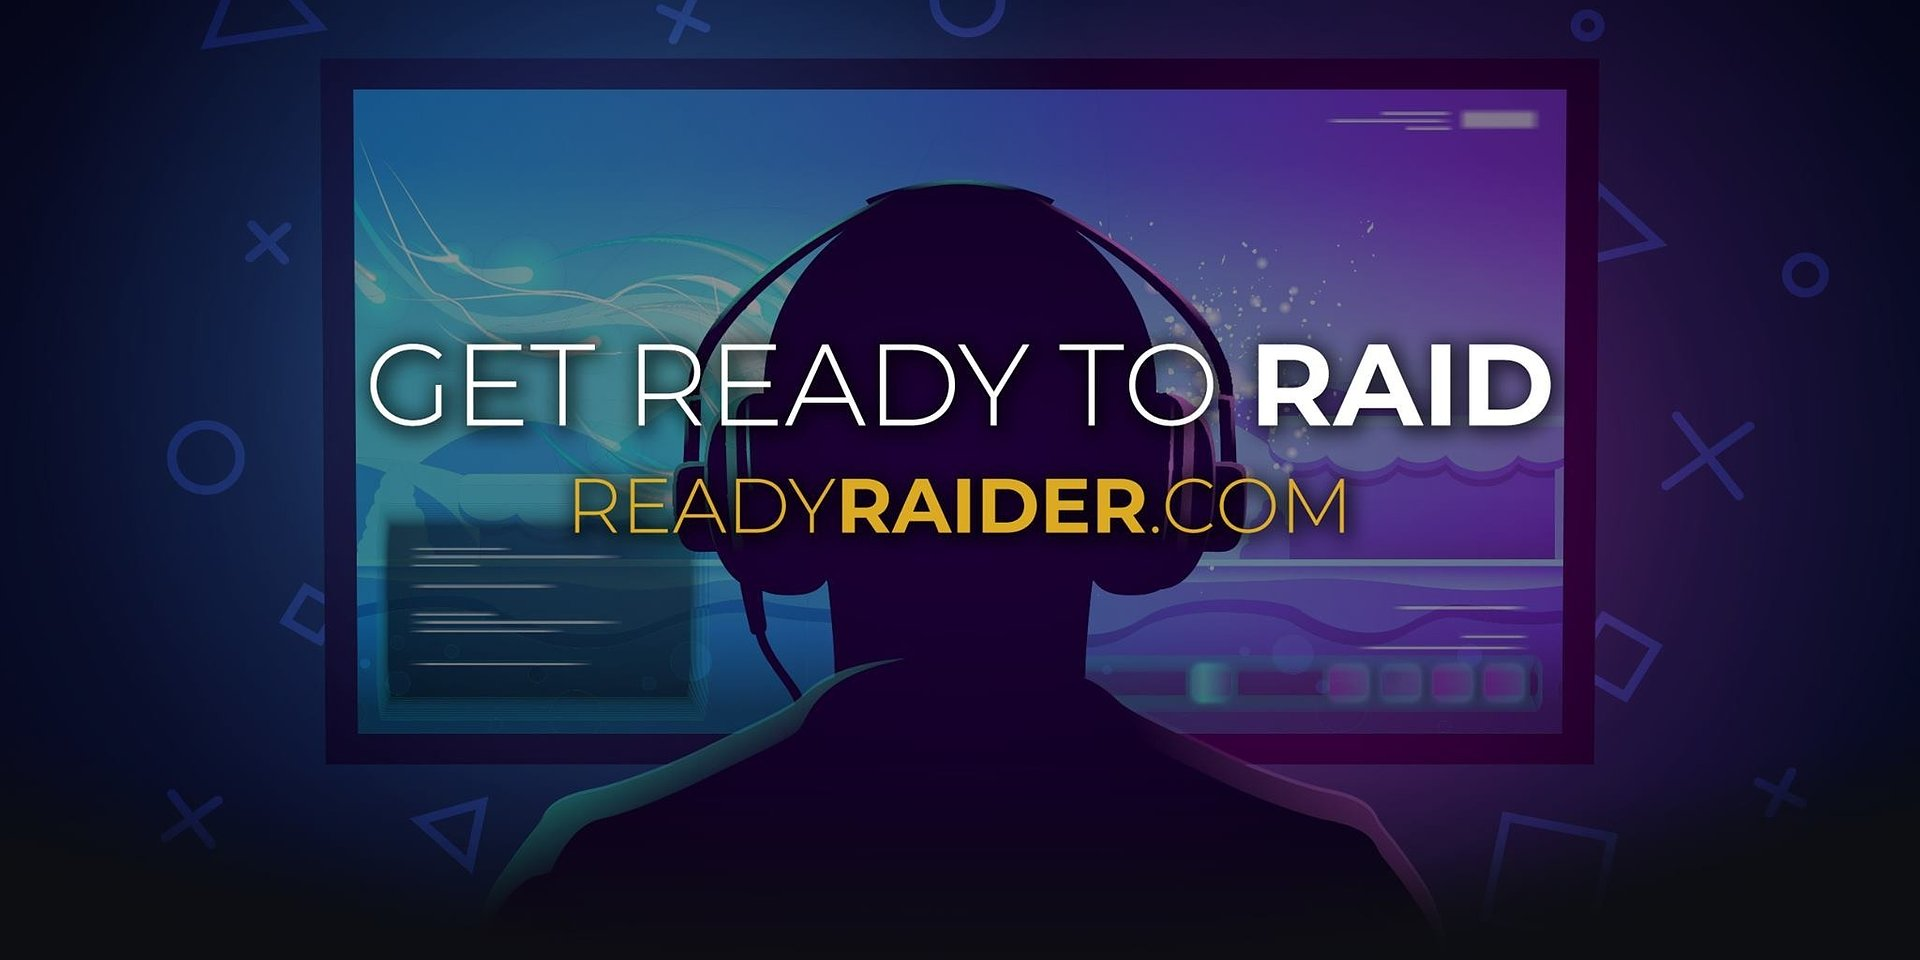 Dash - эксклюзивная форма оплаты на киберспортивной платформе ReadyRaider